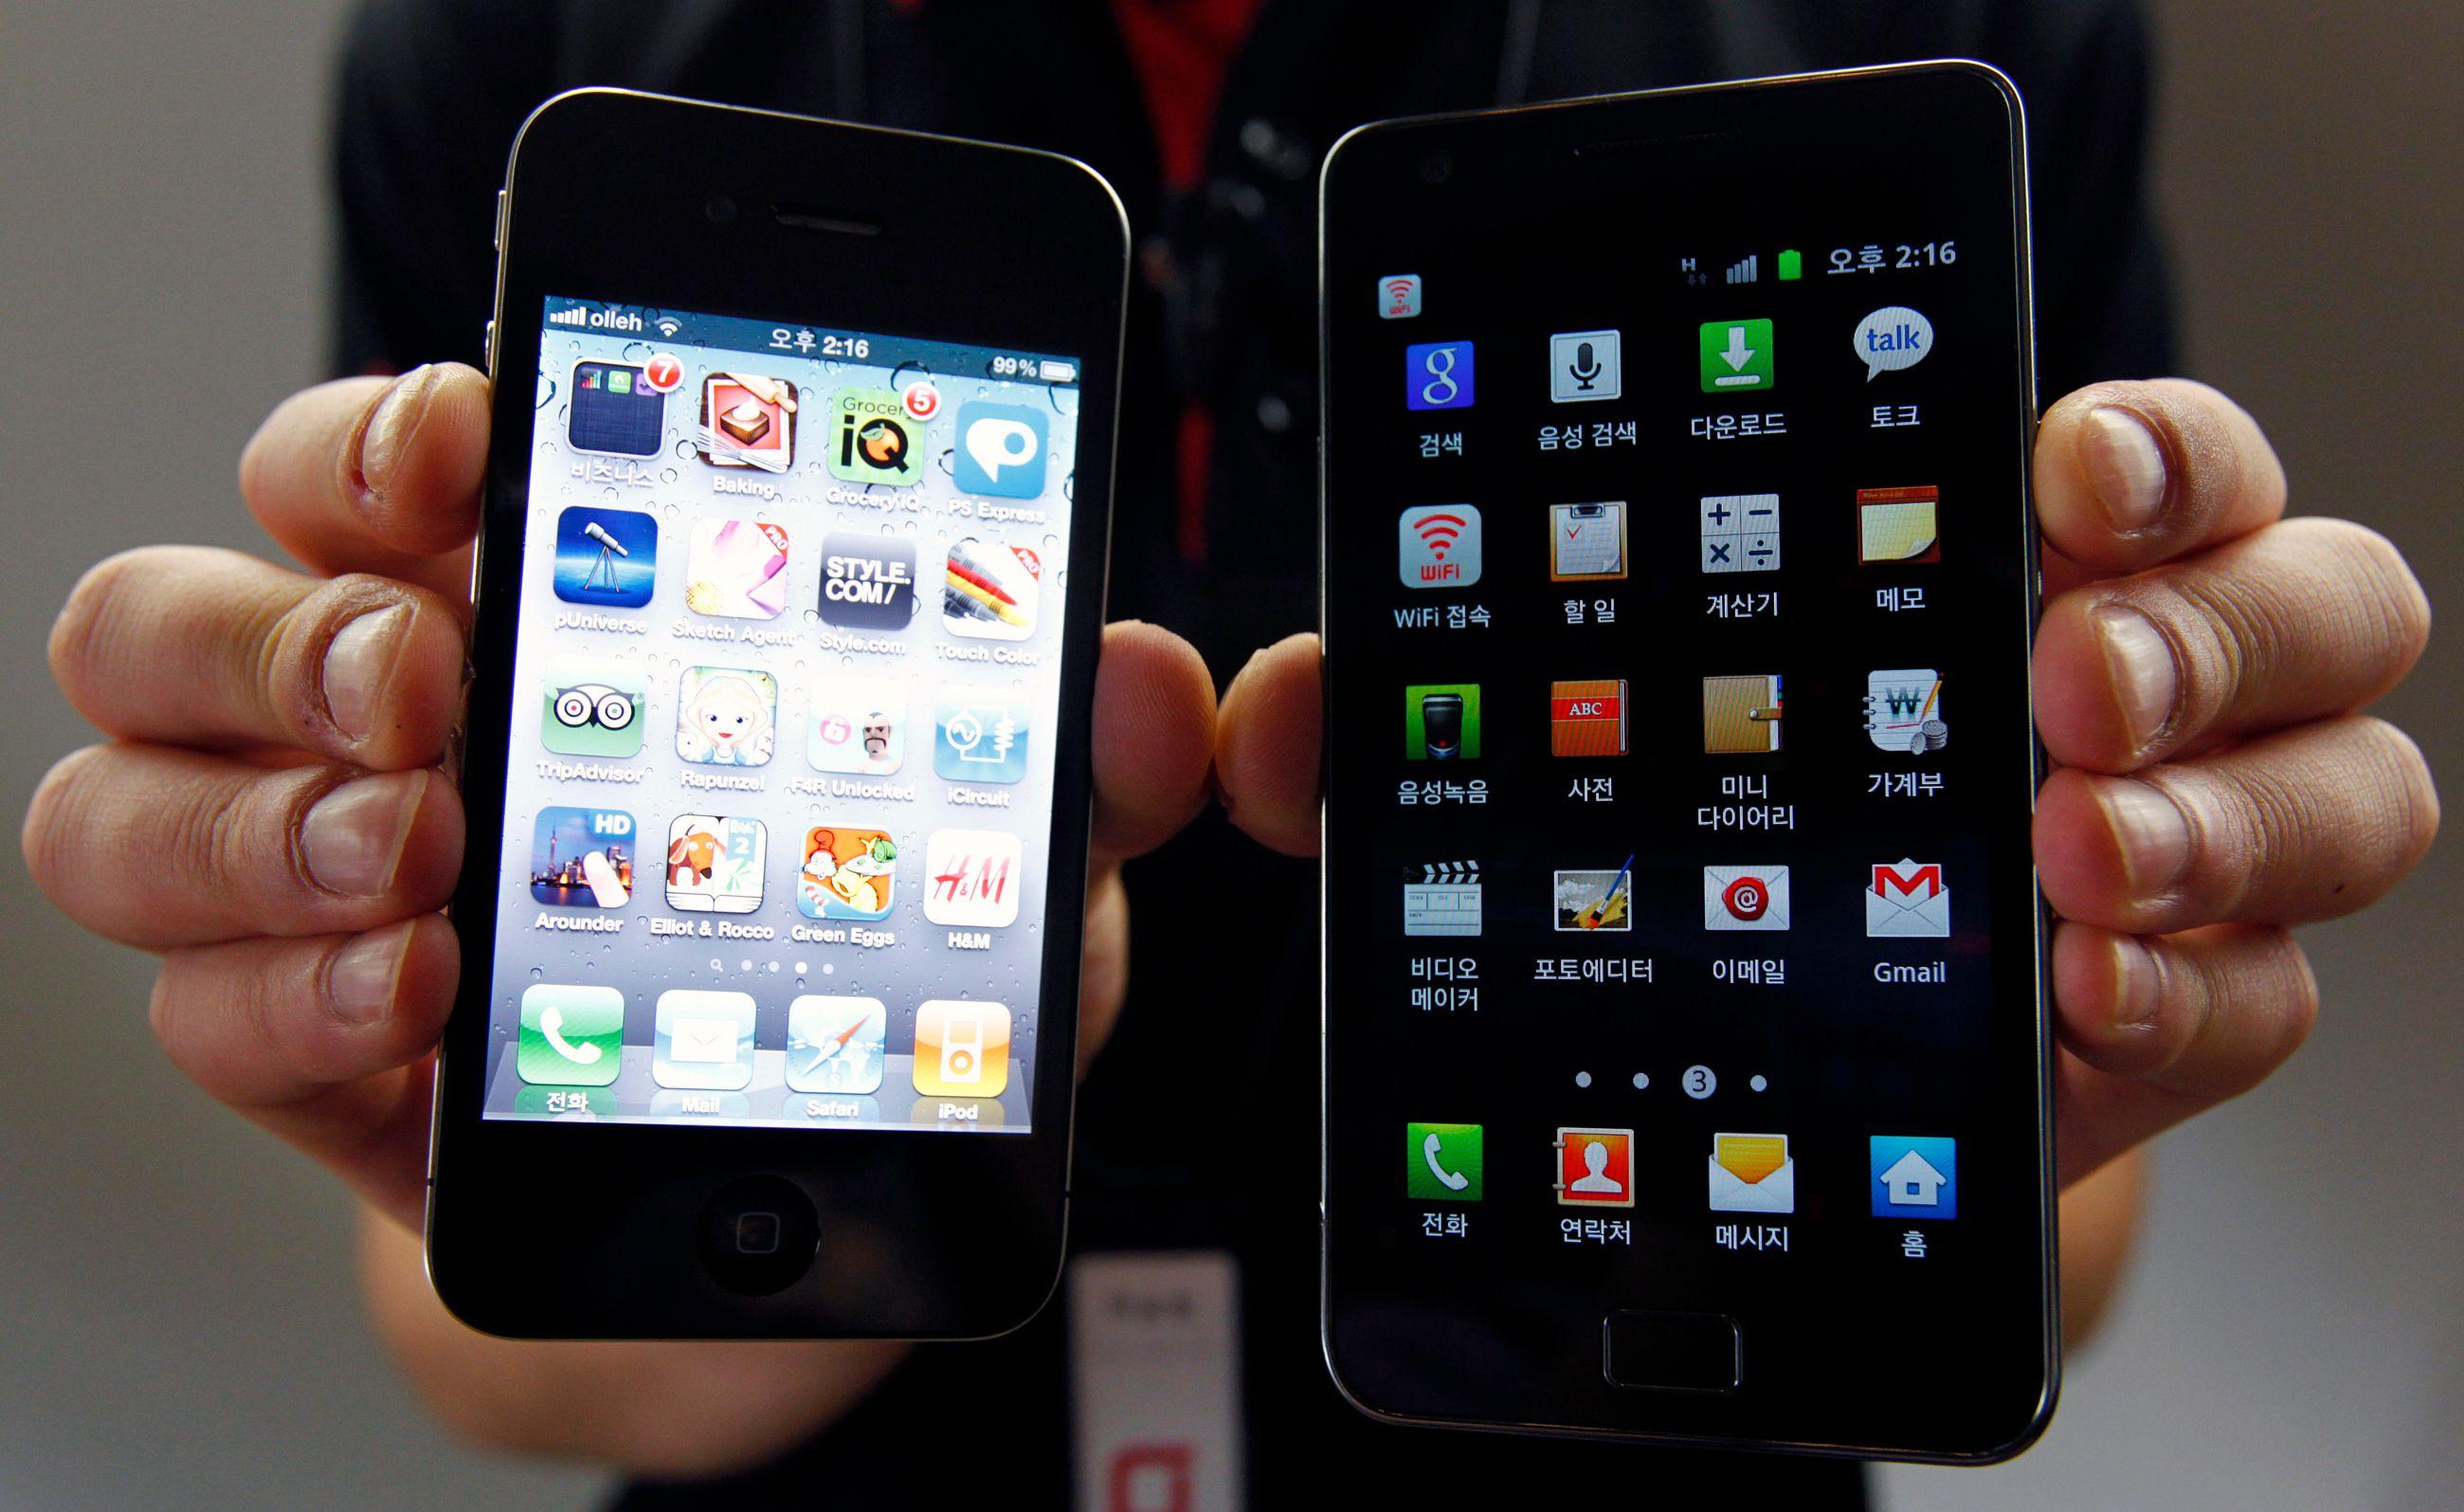 Le constructeur sud-coréen Samsung reste loin devant son rival Apple en ventes de smartphones